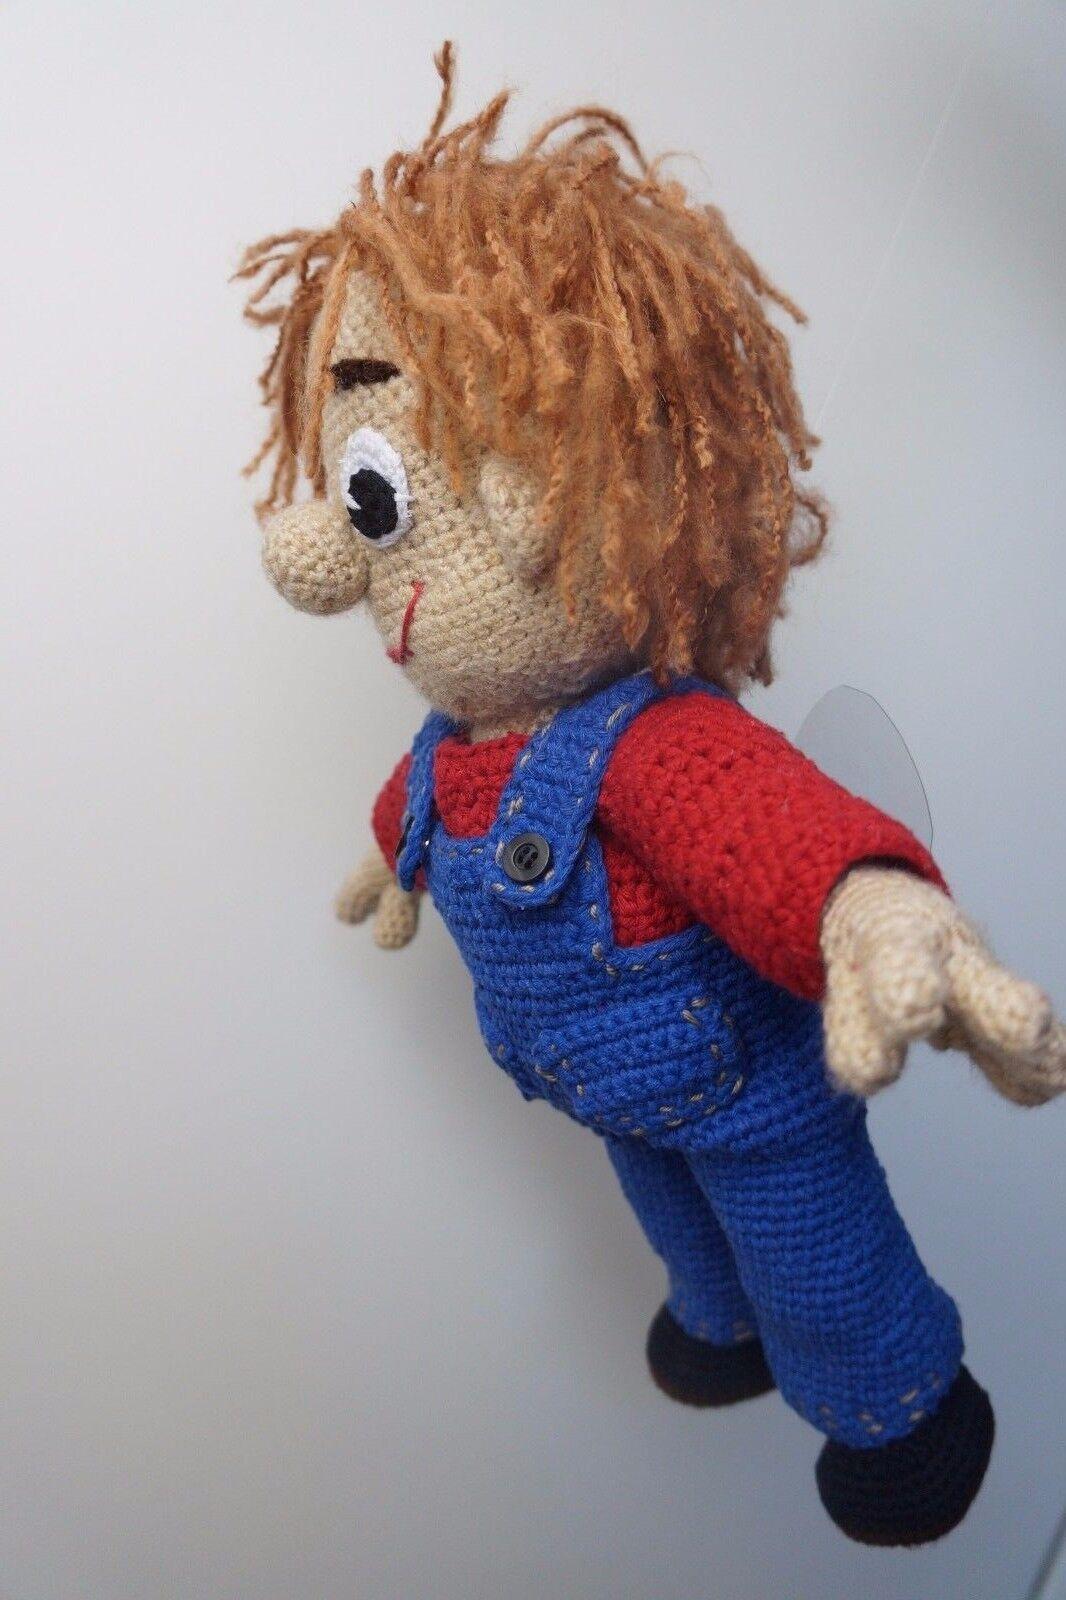 Puppe Karlsson Amigurumi Handarbeit gehäkelt Deko Deko Deko Geschenk UNIKAT 641327